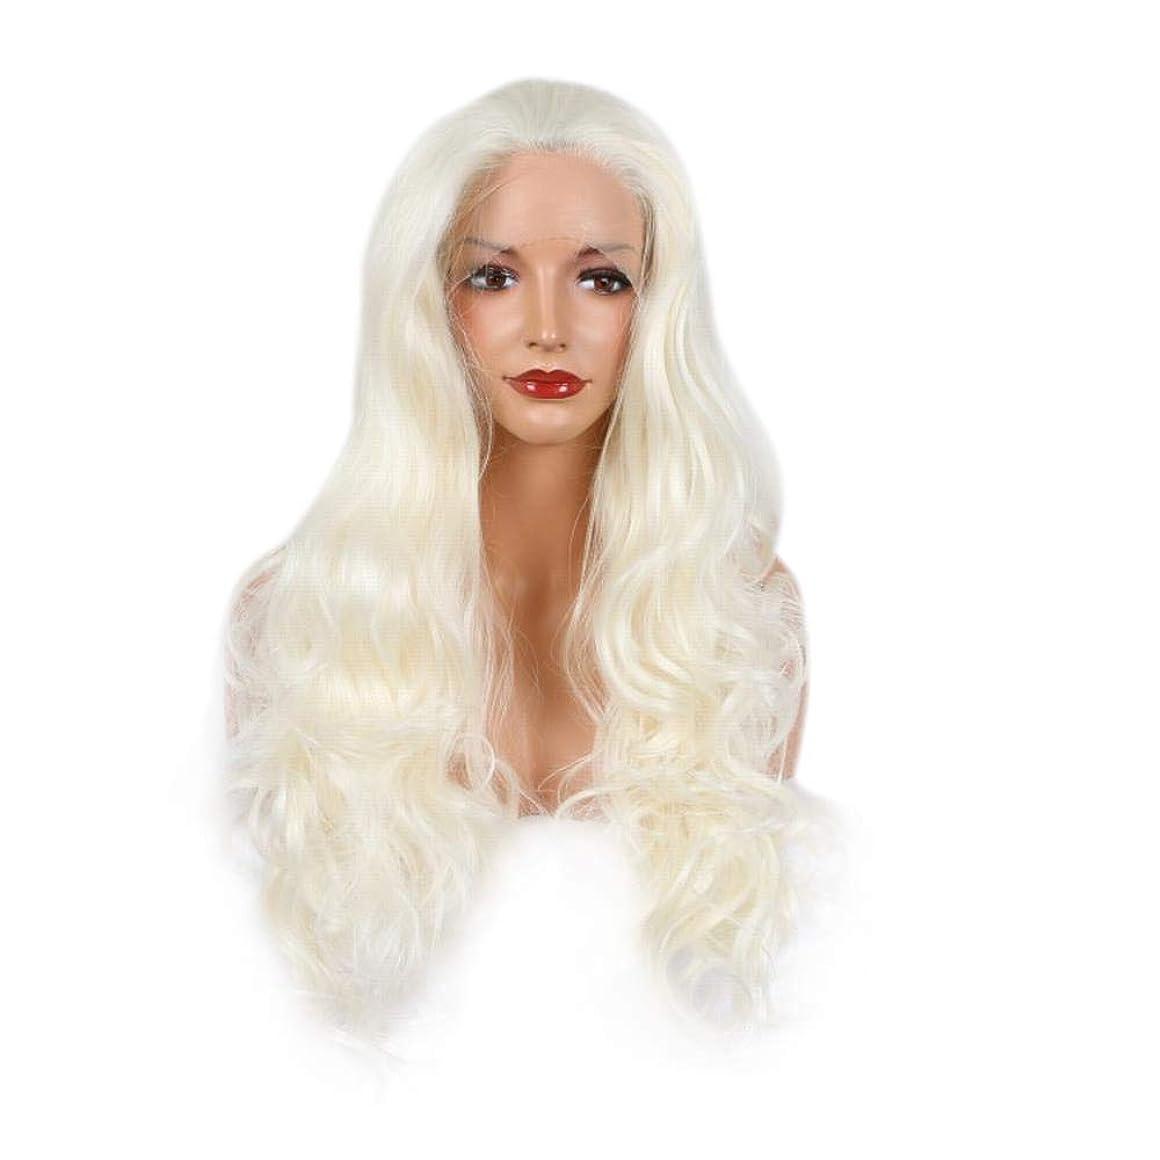 バナー暗い狂うYrattary 大きな波状の長い巻き毛のかつらフロントレースかつら合成の髪レースかつらロールプレイングかつら (色 : Creamy-white)